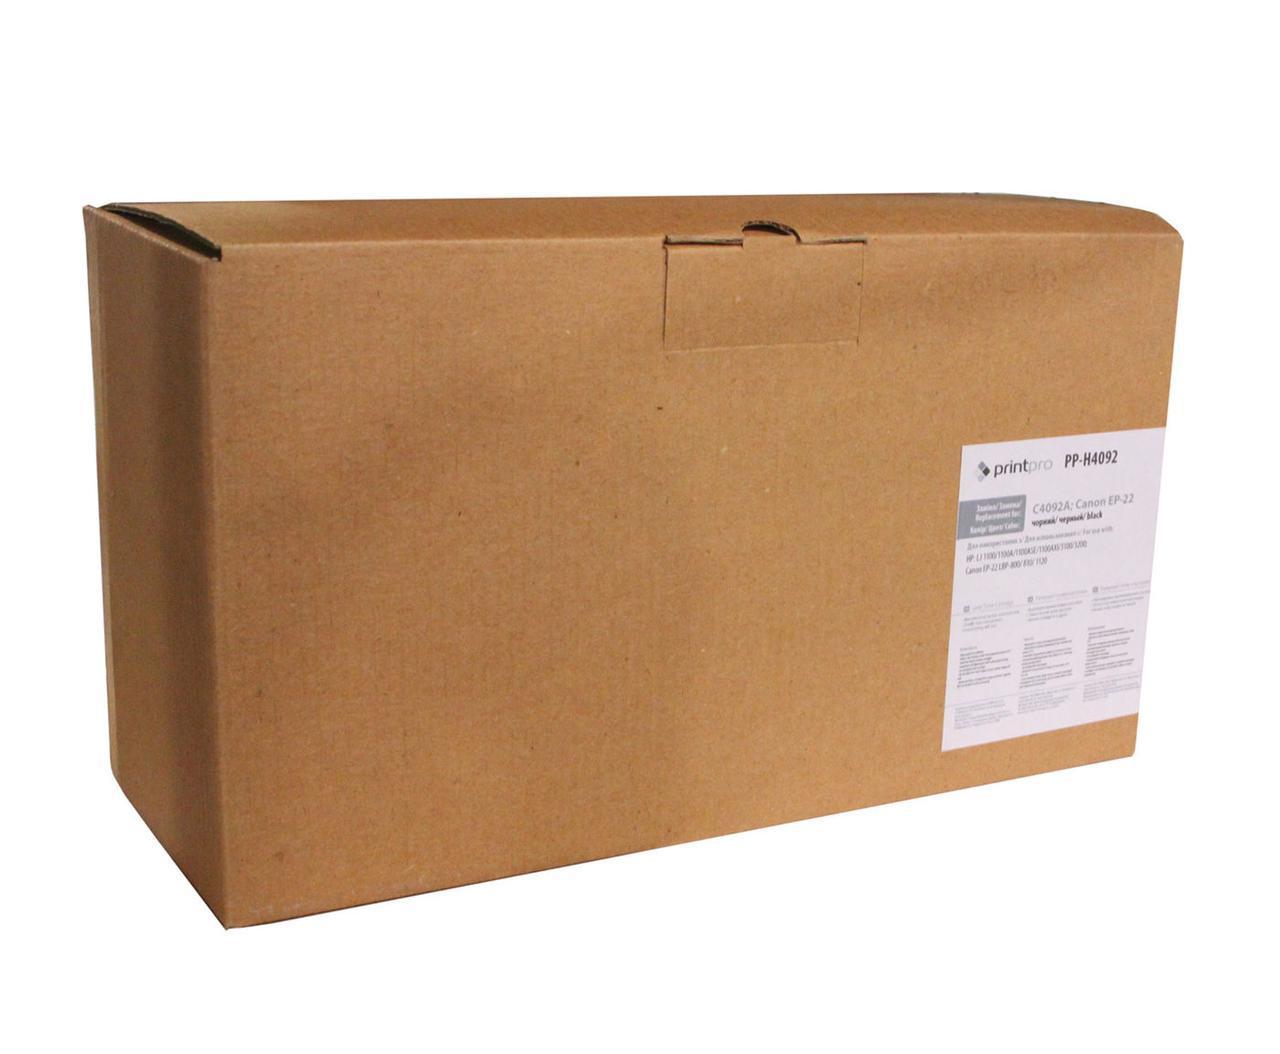 Картридж HP 92A (C4092A), Black, LJ 1100/3200/3220, PrintPro (PP-H4092)